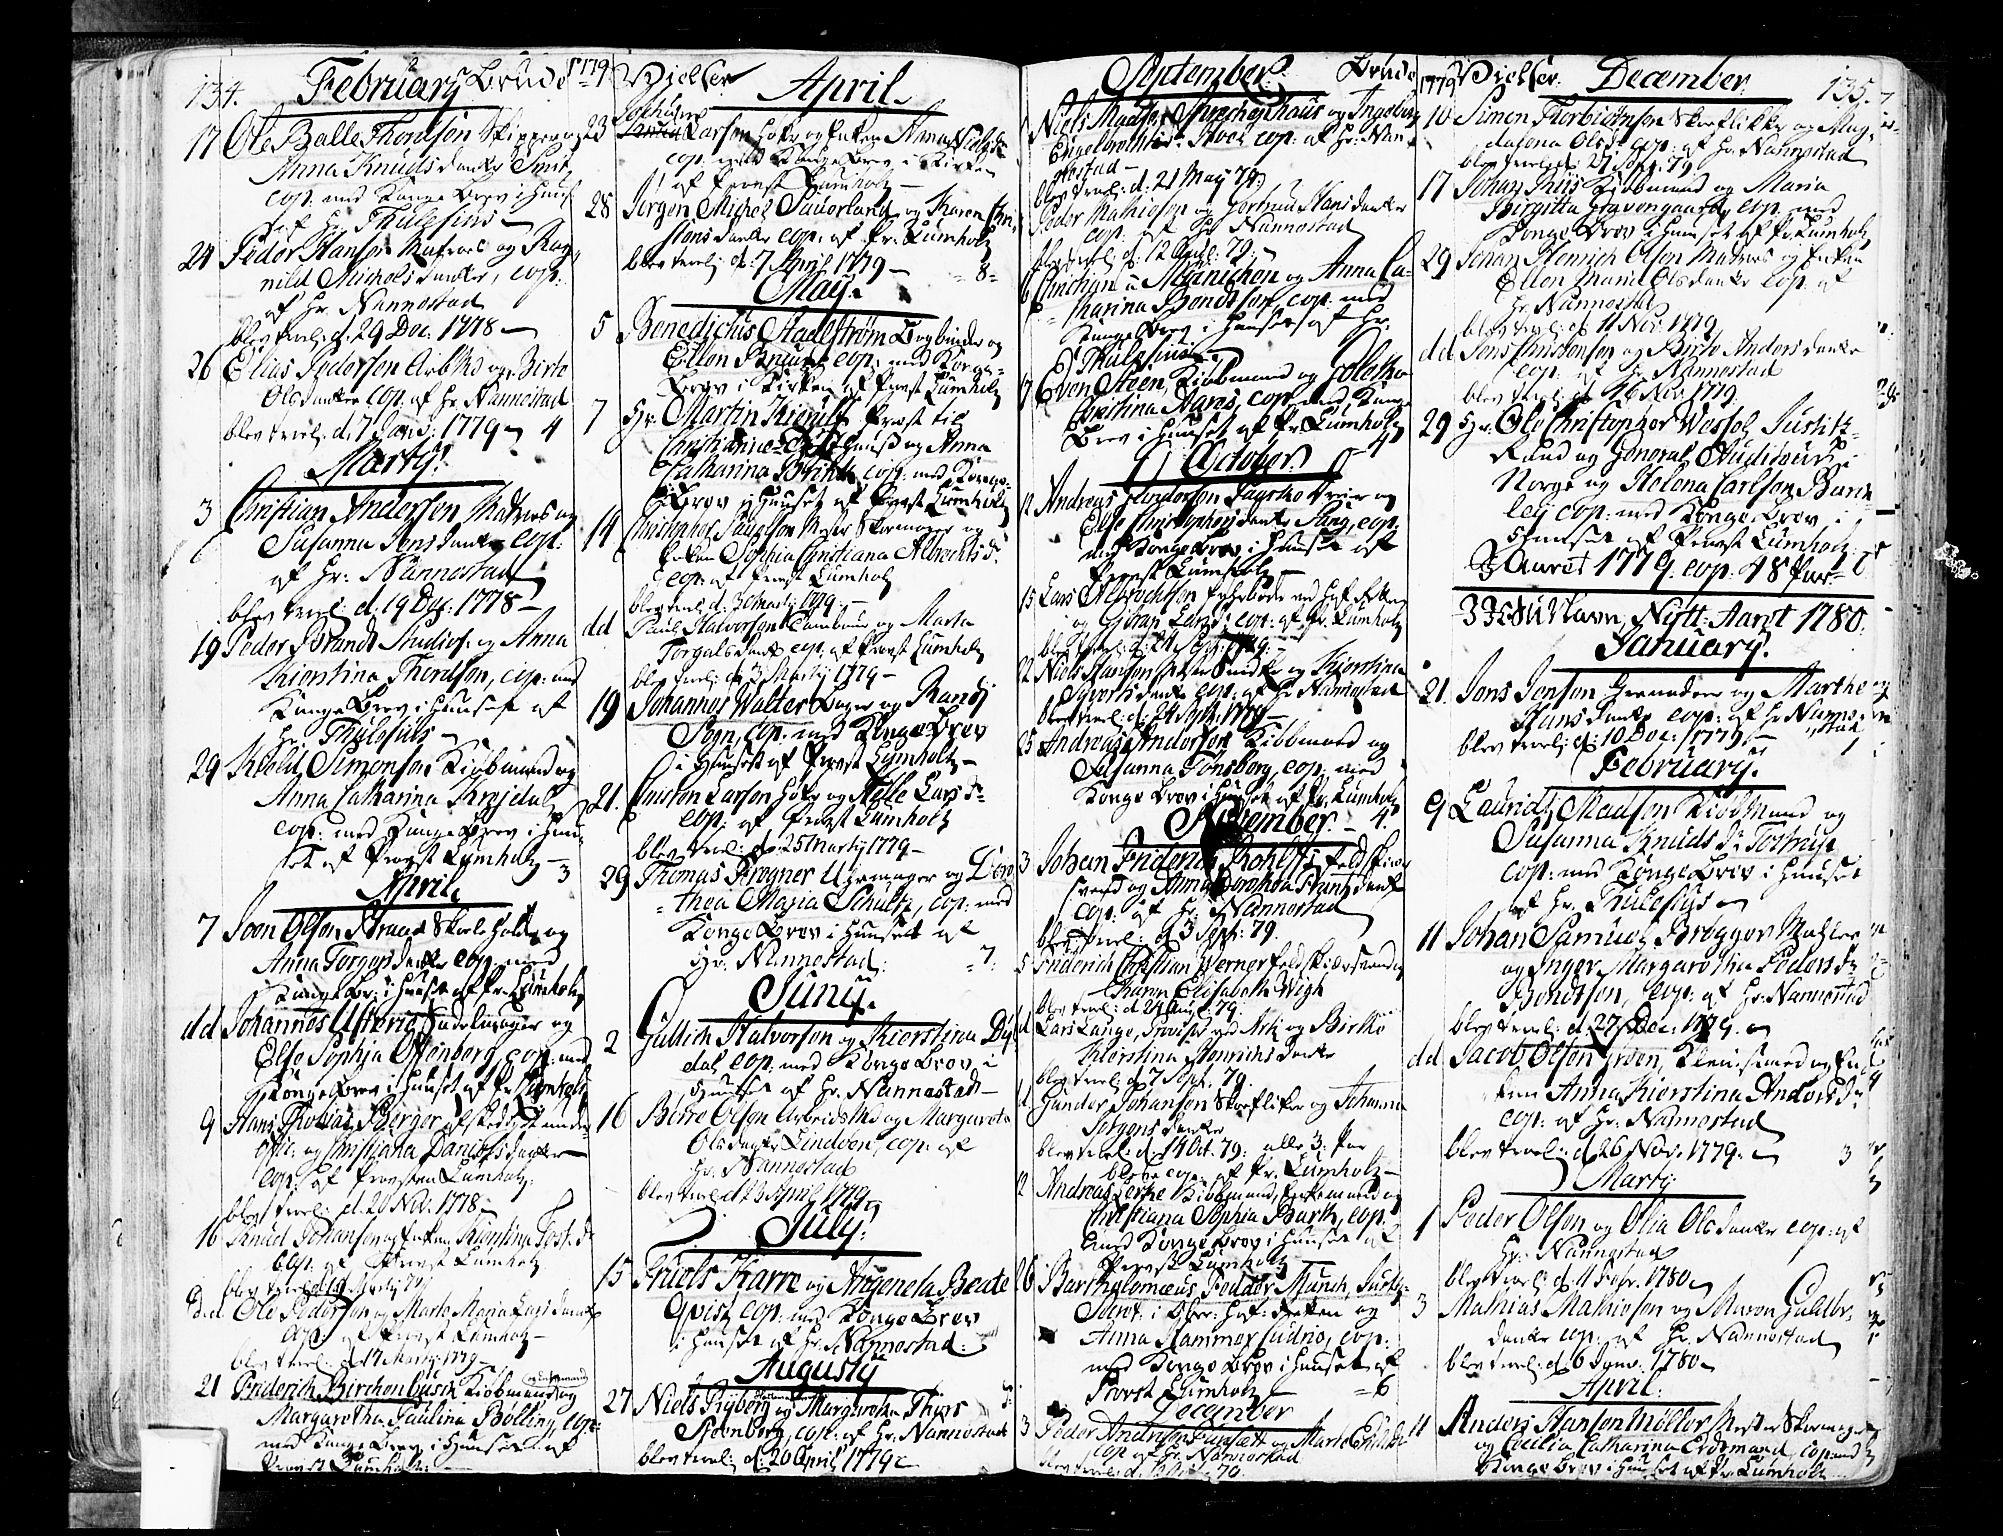 SAO, Oslo domkirke Kirkebøker, F/Fa/L0004: Ministerialbok nr. 4, 1743-1786, s. 134-135